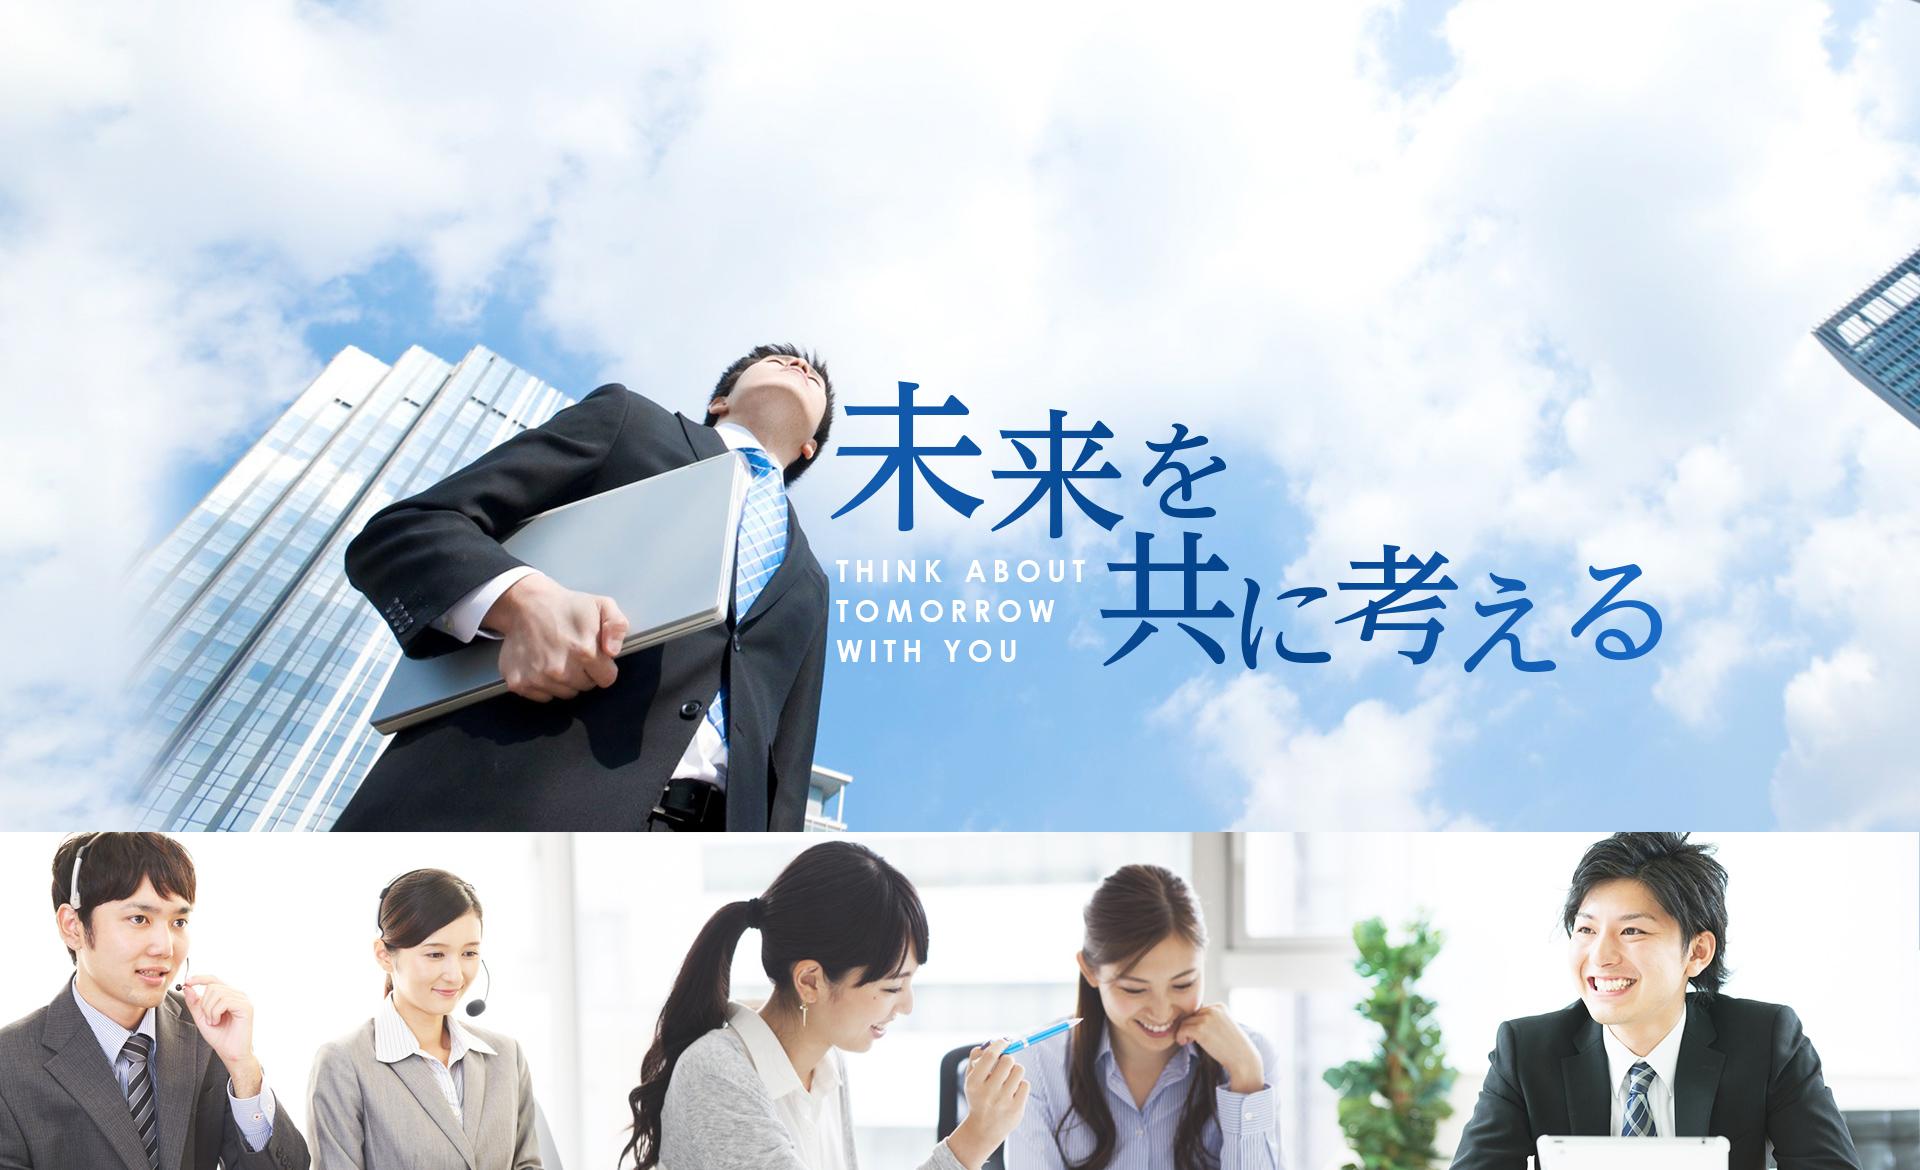 関東・東京を拠点とした総合人材会社